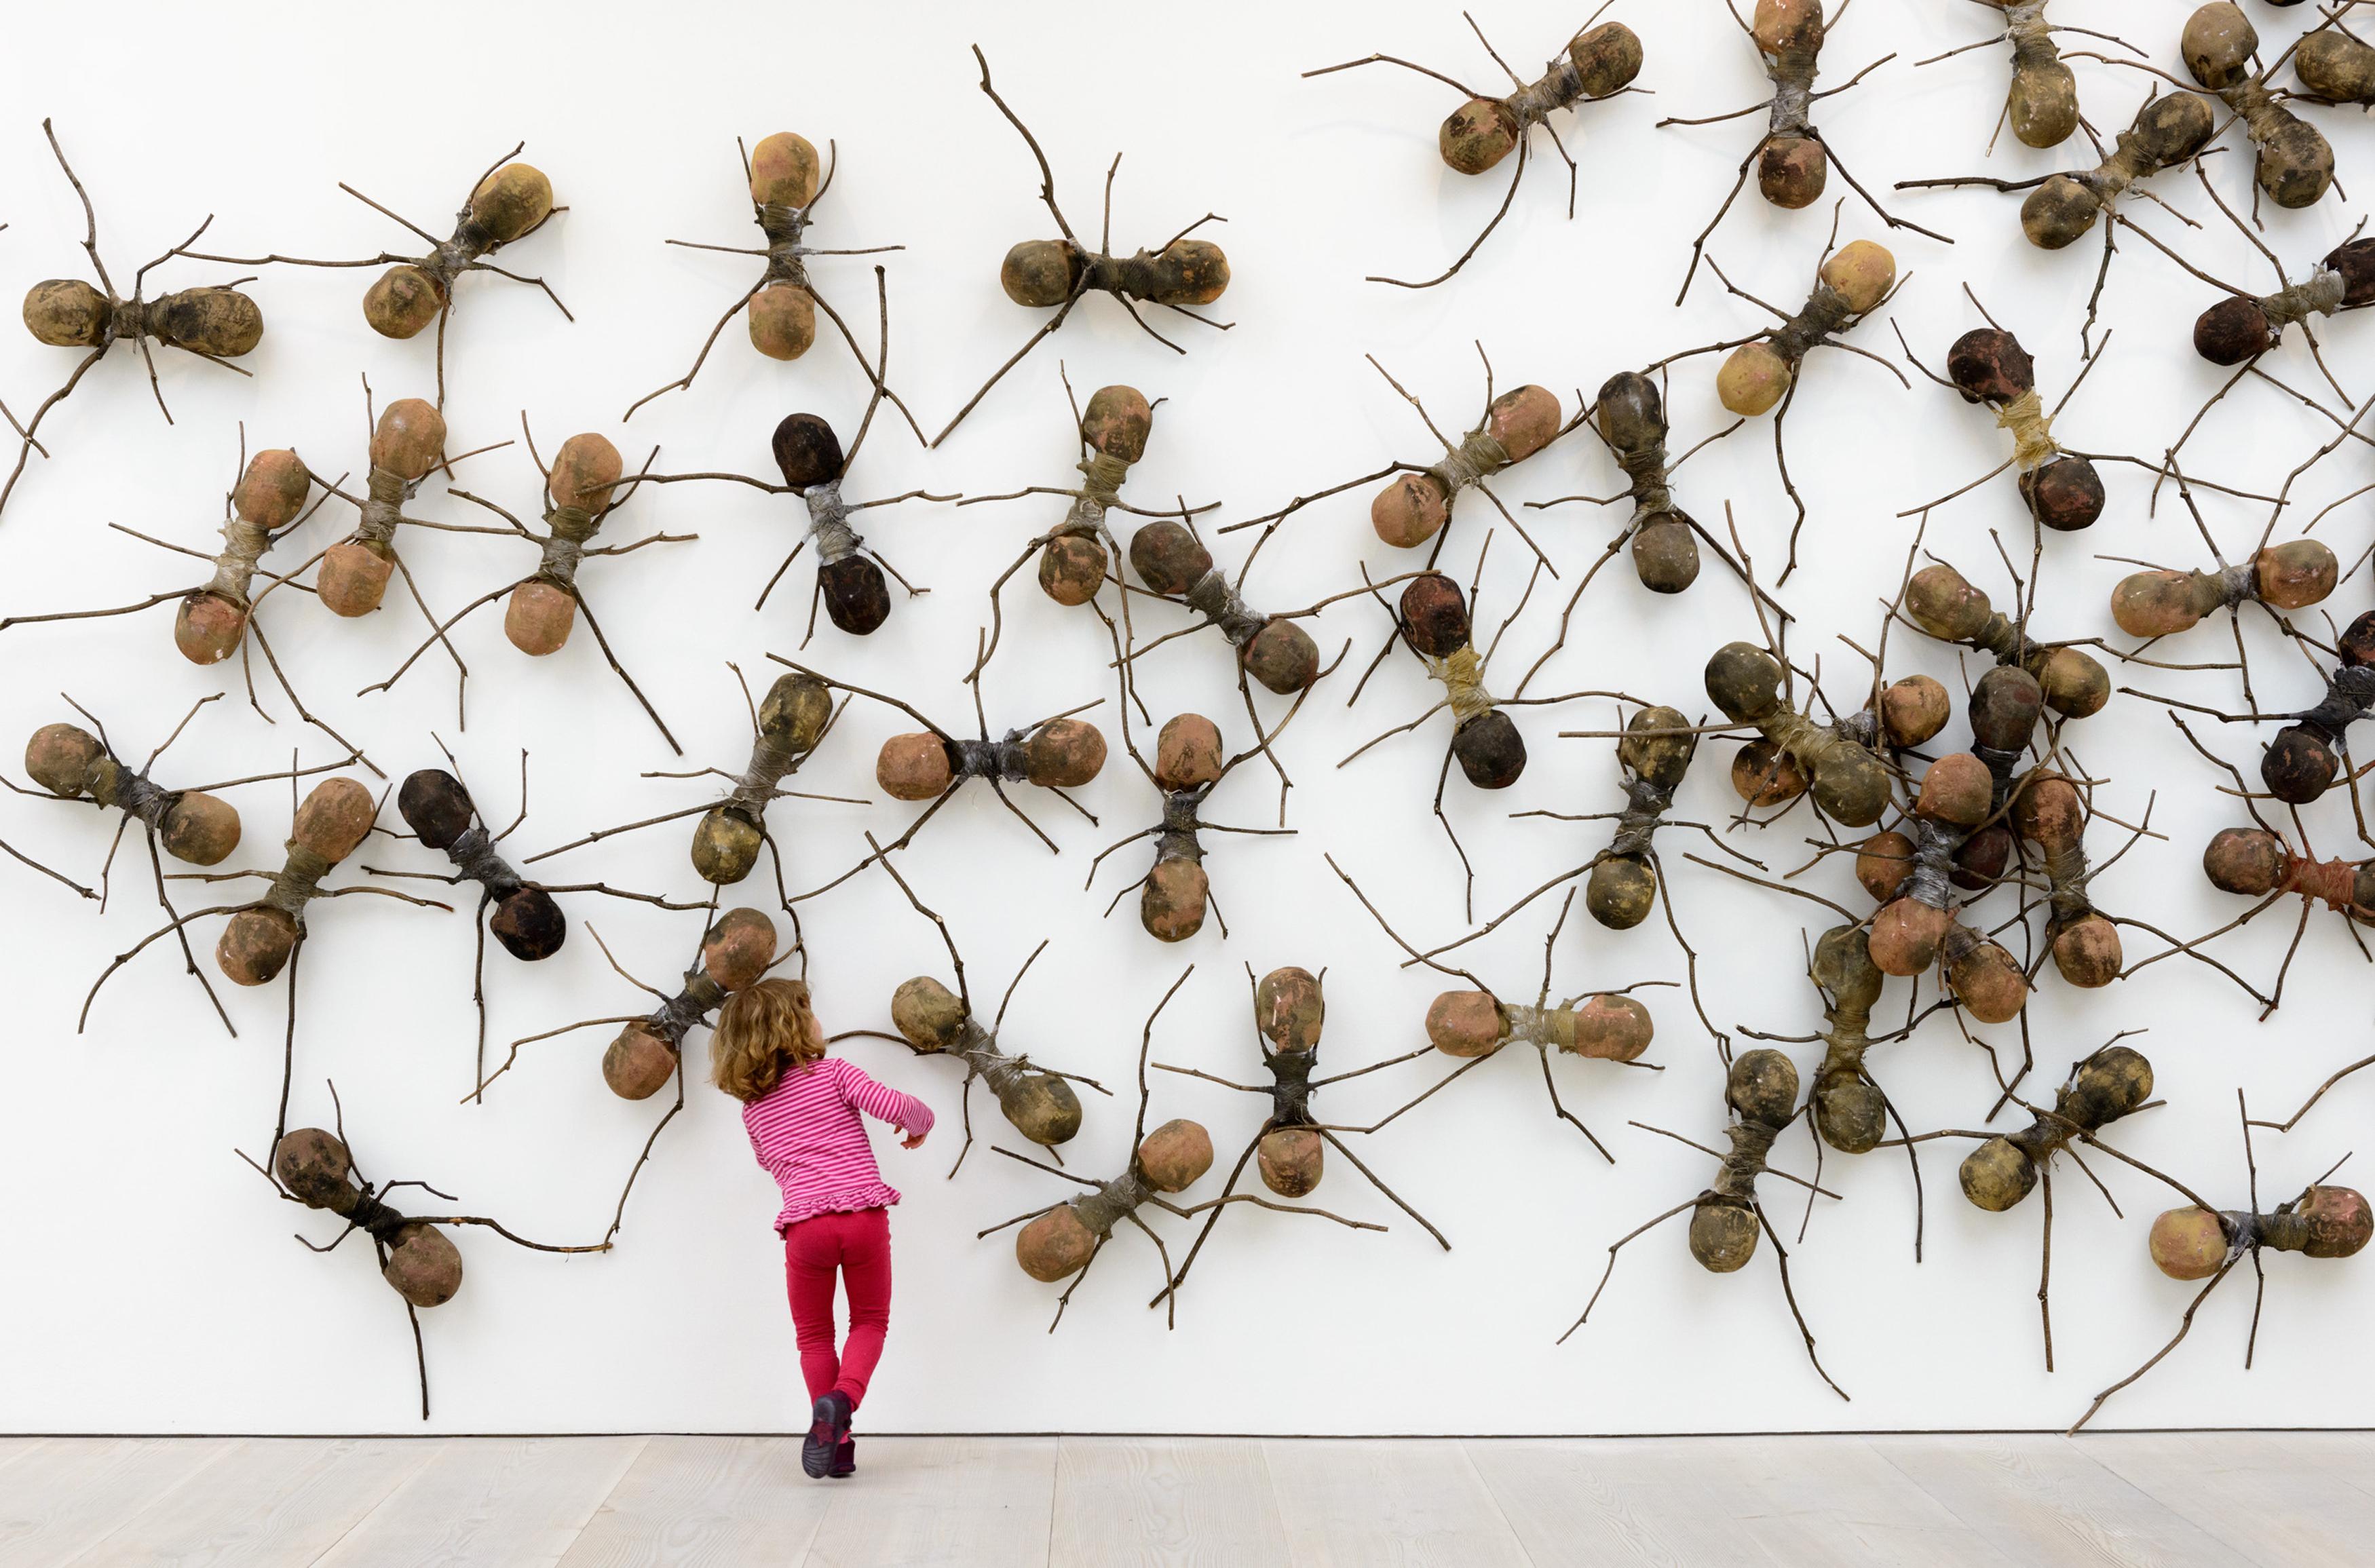 L 39 invasion des fourmis g antes - Dessin d une fourmi ...